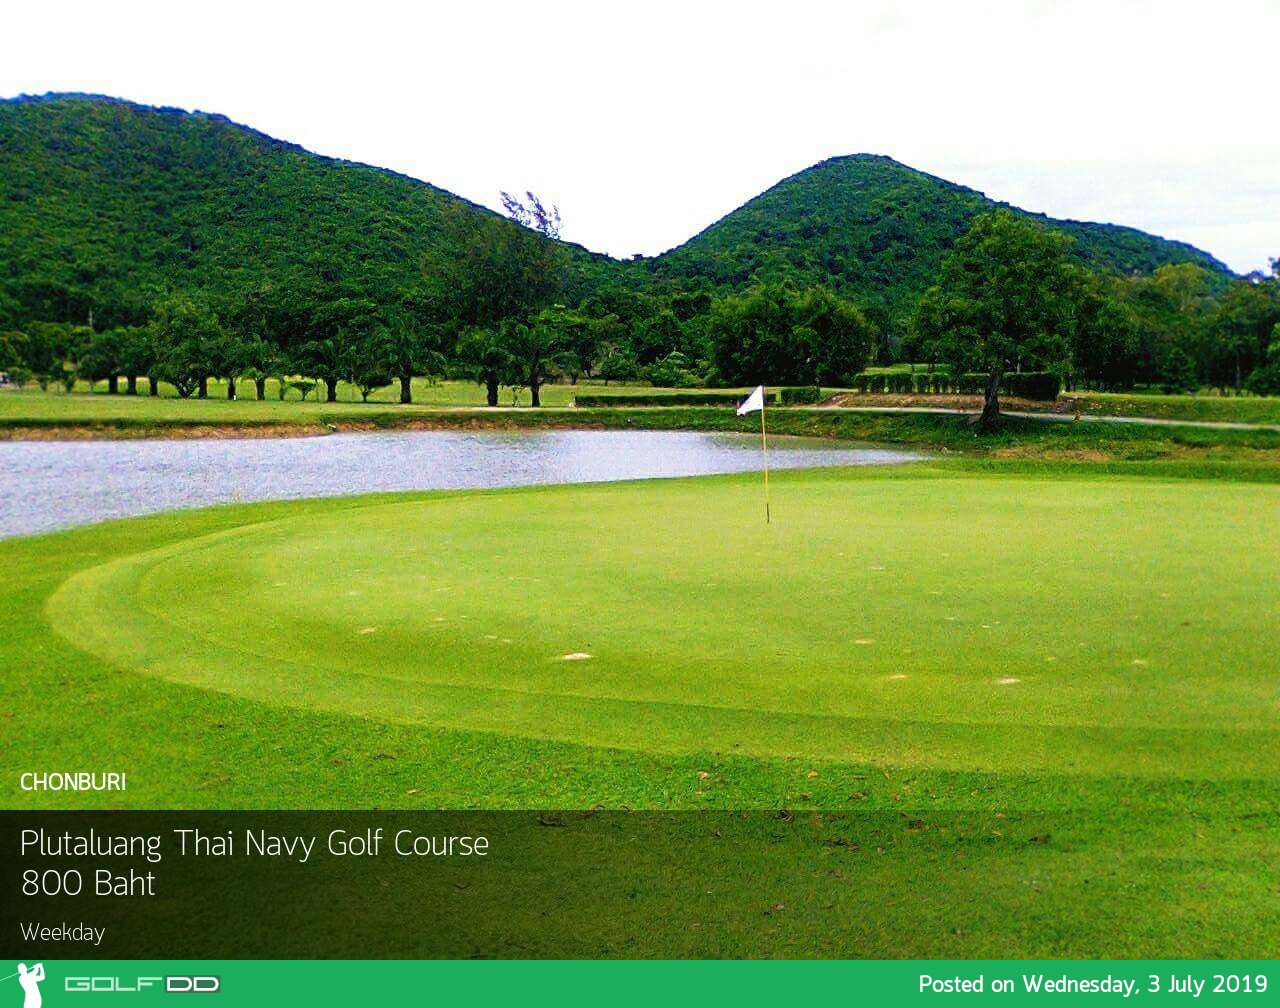 ออกรอบกลางสัปดาห์ที่ Plutaluang Thai Navy Golf Course ชลบุรี เชิญ Booking Teetime กับ golfdd จ่ายเงินที่สนามได้เลย